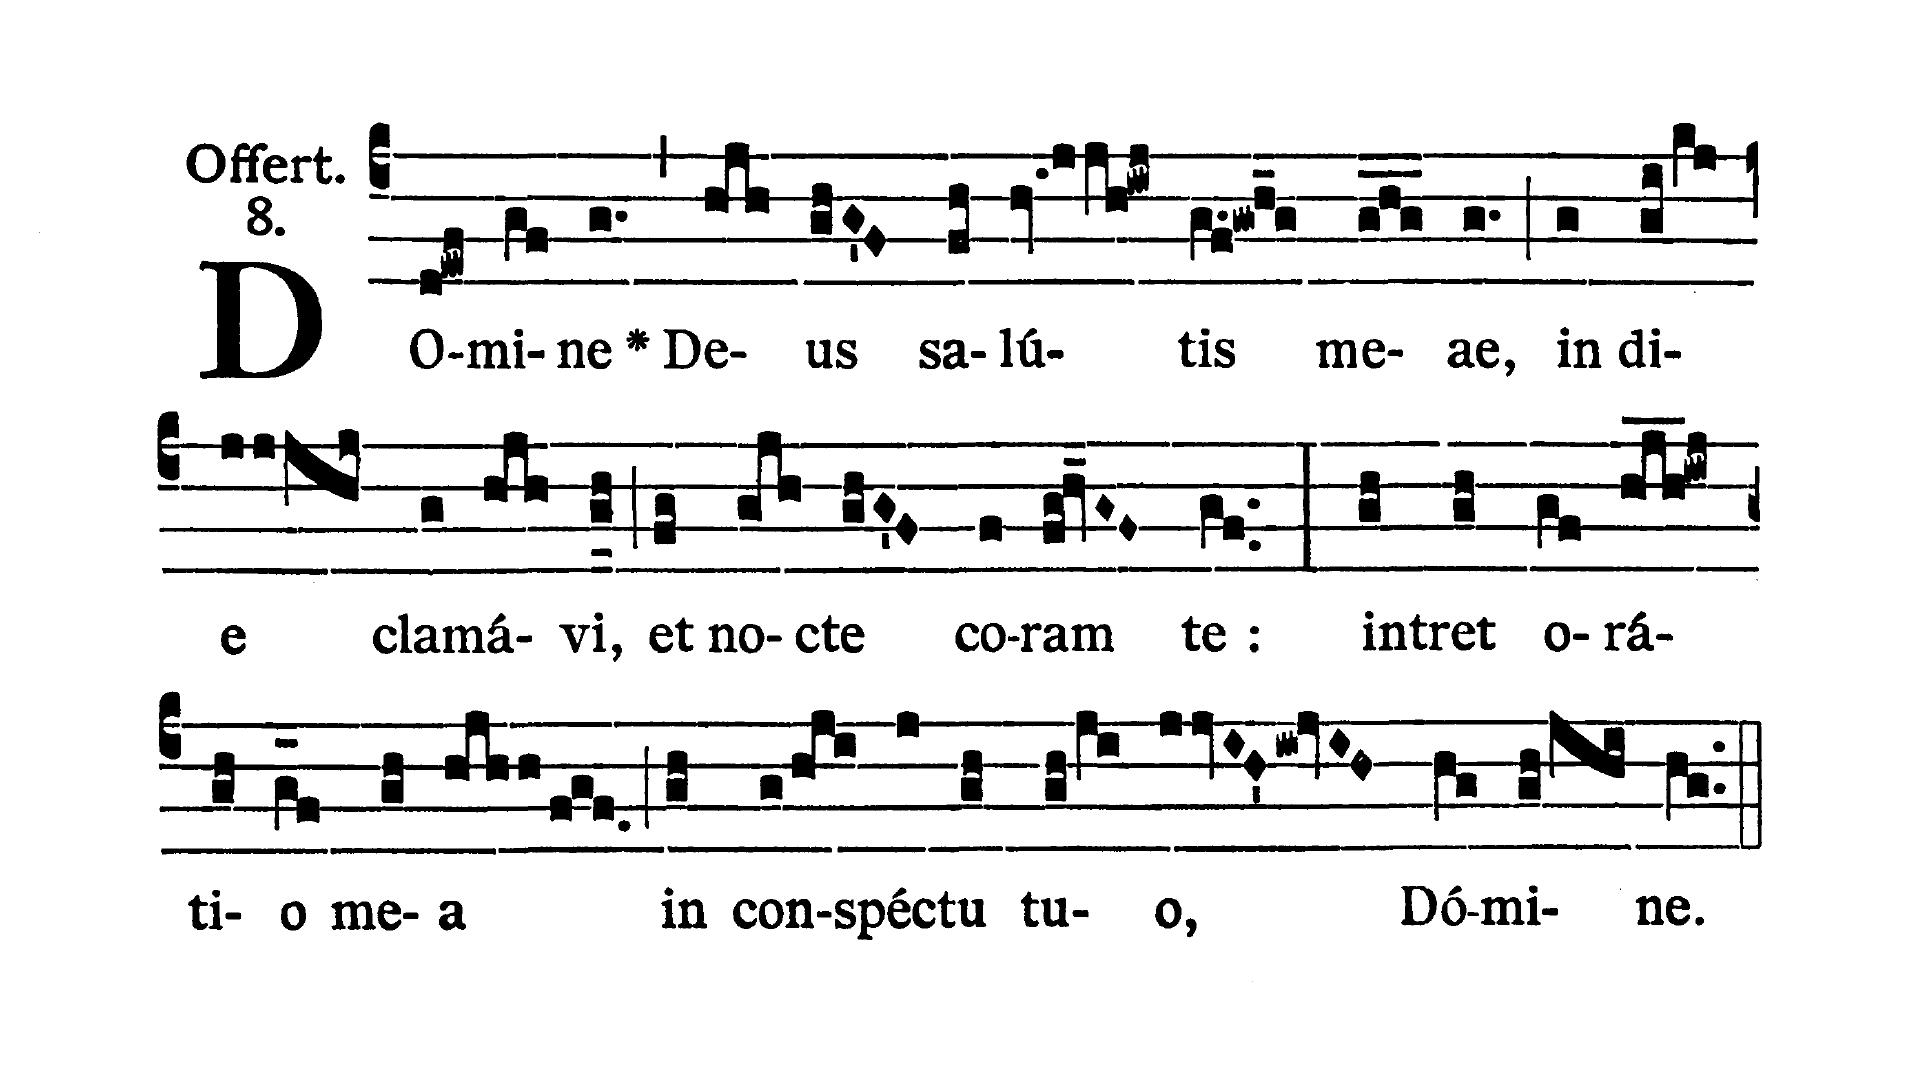 Sabbato Quatuor Temporum Quadragesimae (Sobota suchych dni Wielkiego Postu) - Offertorium (Domine Deus salutis meae)